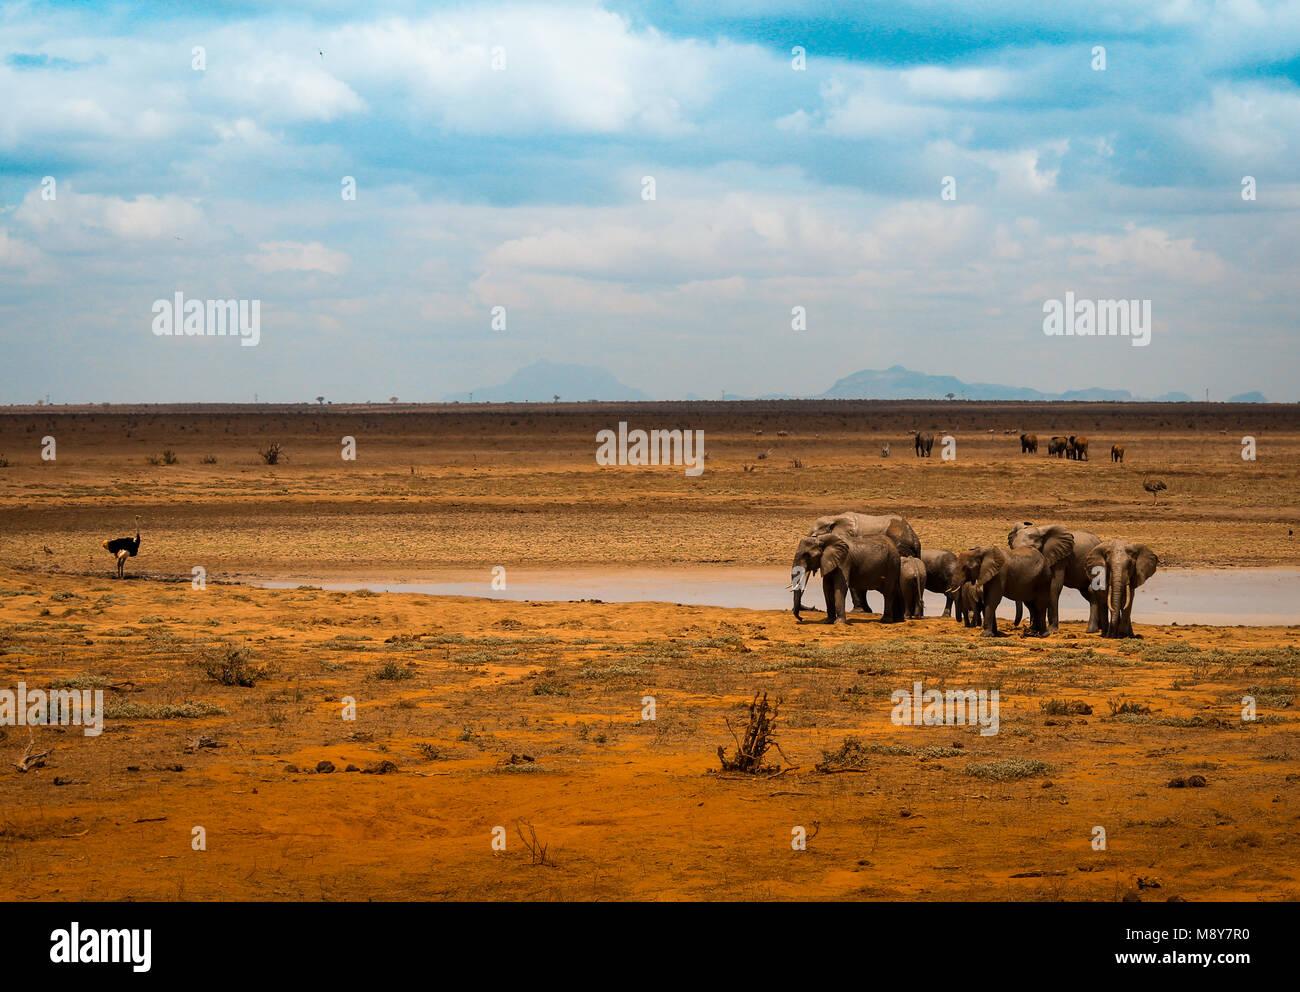 Les éléphants à proximité d'un bassin d'eau dans le parc de Tsavo au Kenya, une autruche ressemble ce animaux dans Arica Banque D'Images